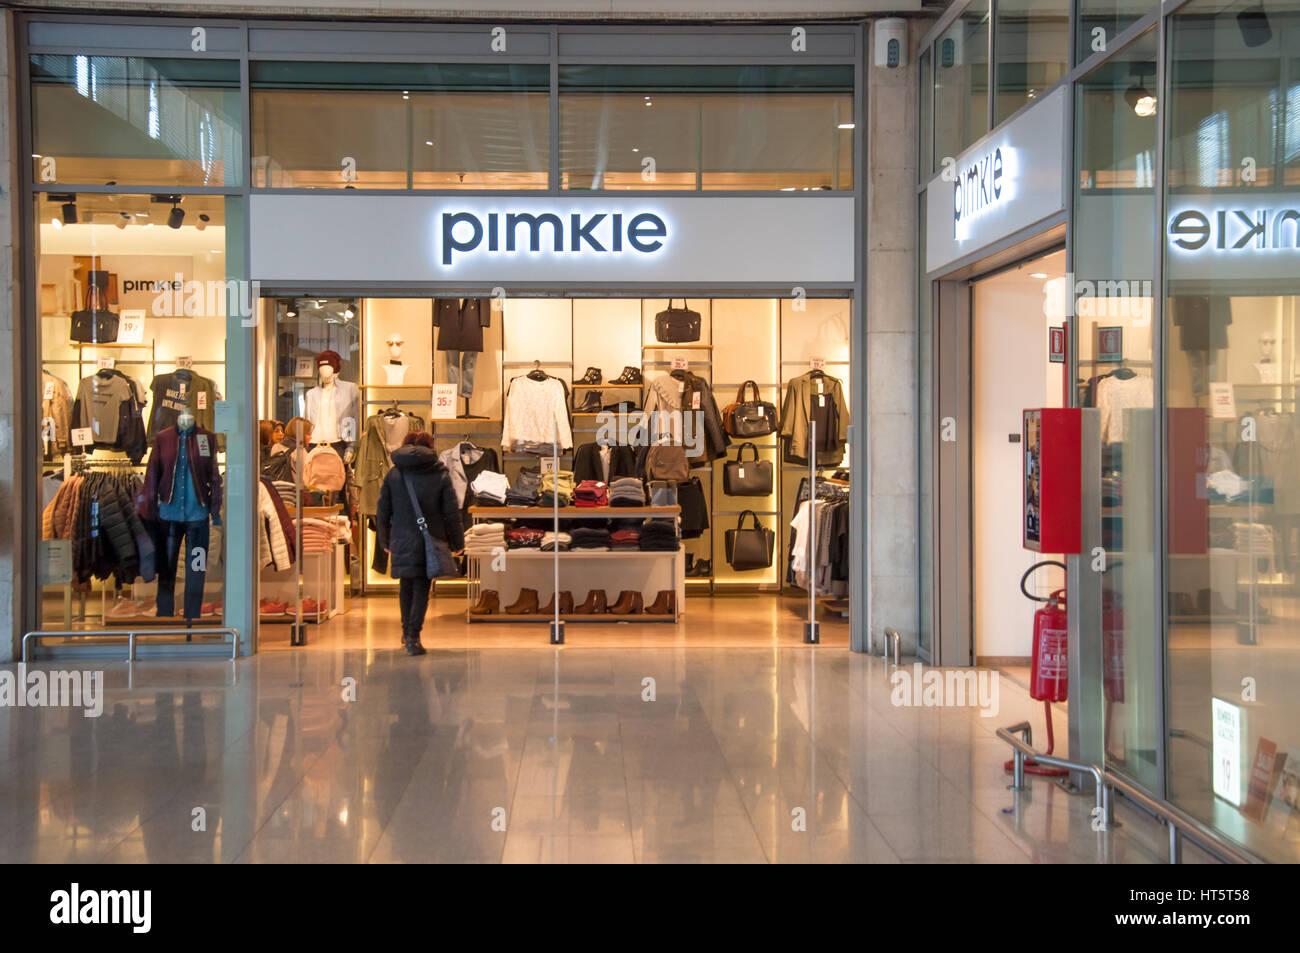 63009c3ad32 Tienda de moda femenina Pimkie Calle Calle Preciados Madrid España Europa.  C3XMX2 (RM). Tienda Pimkie en Venecia